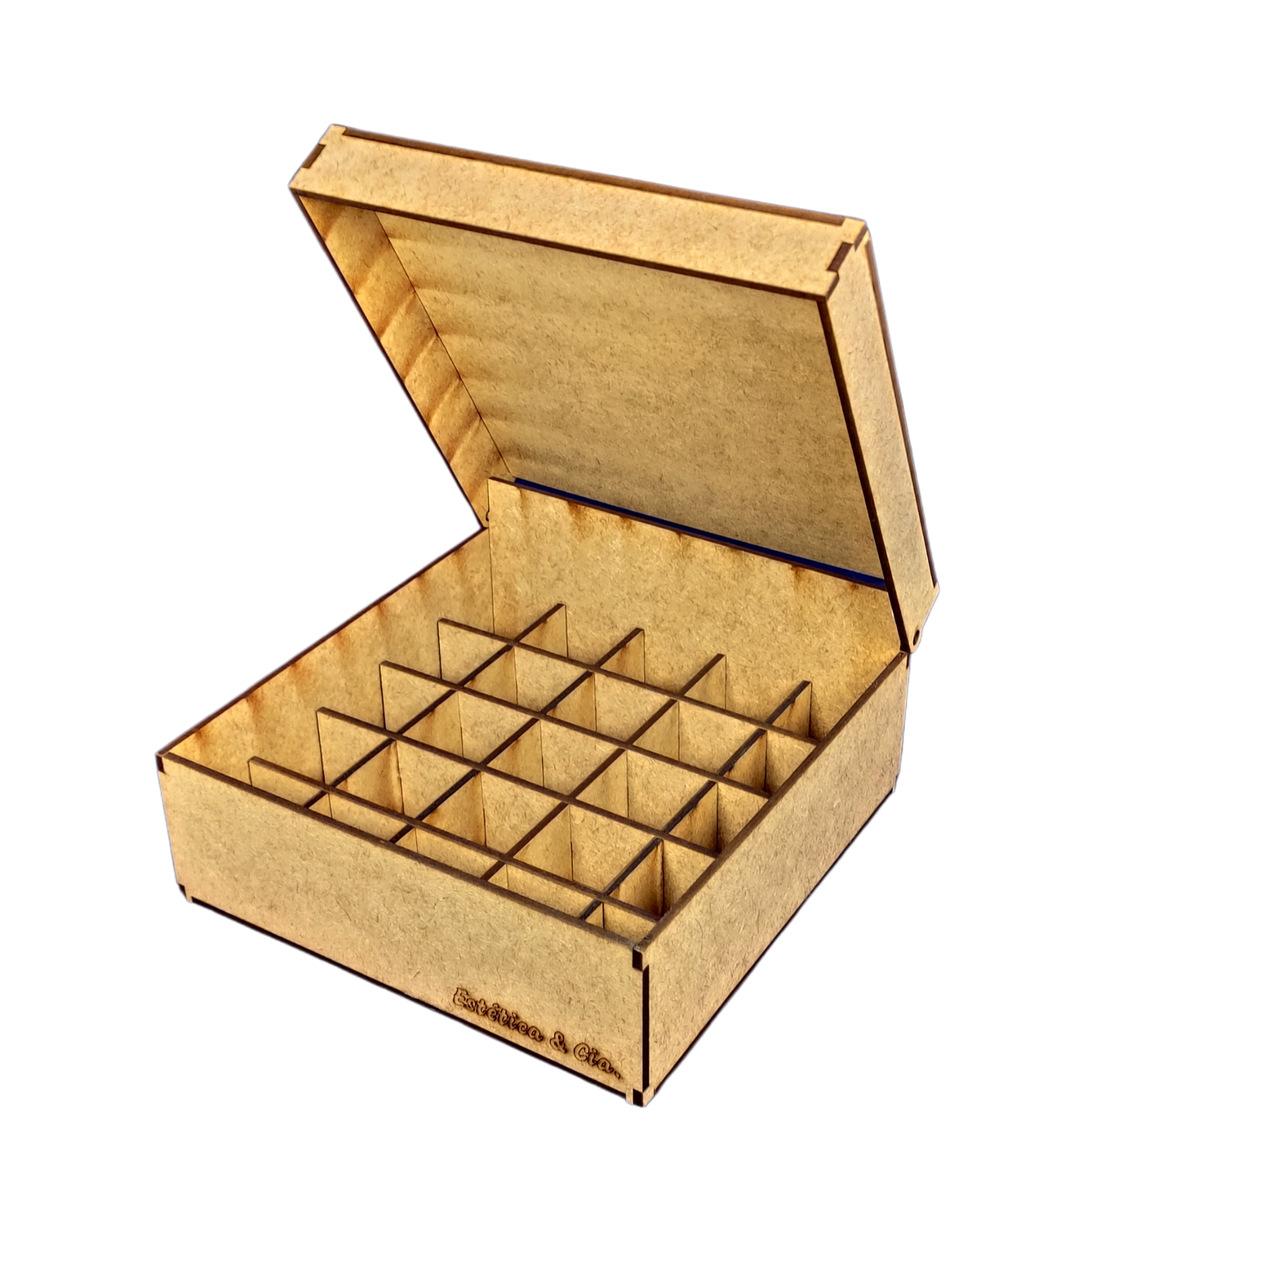 Caixa Organizadora em MDF - Capacidade 25u de Óleos ou Essências